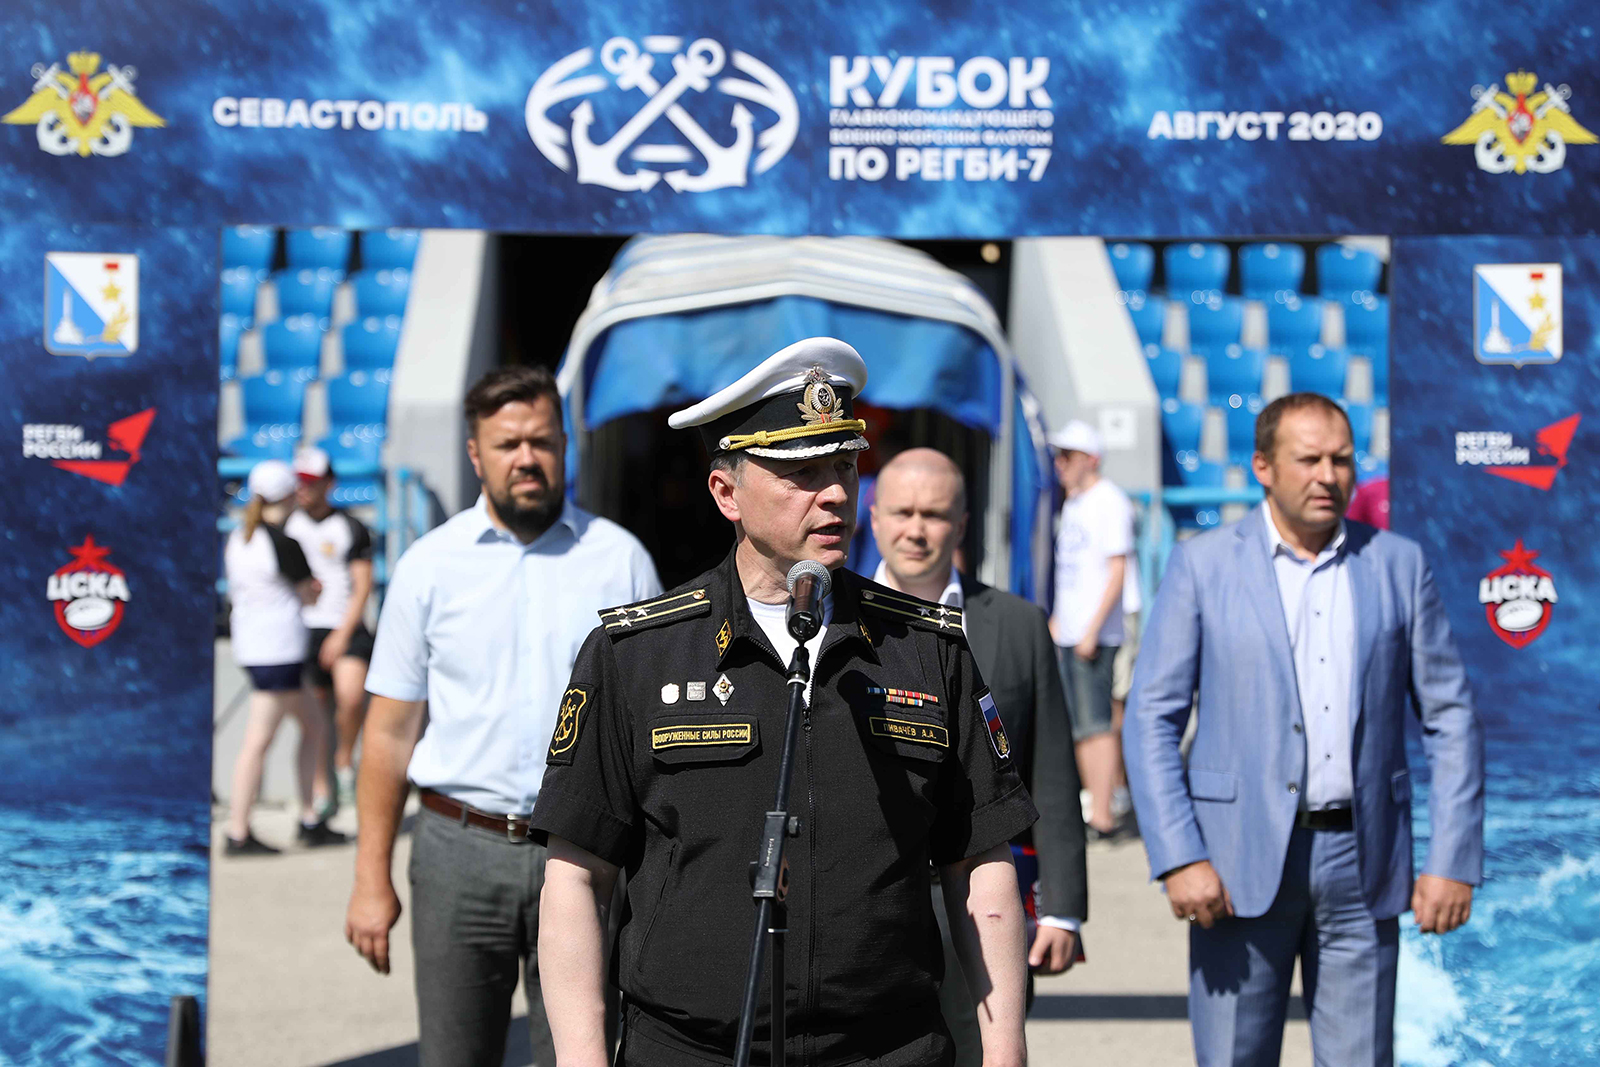 Определились полуфиналисты Кубка Главнокомандующего ВМФ РФ по регби-7